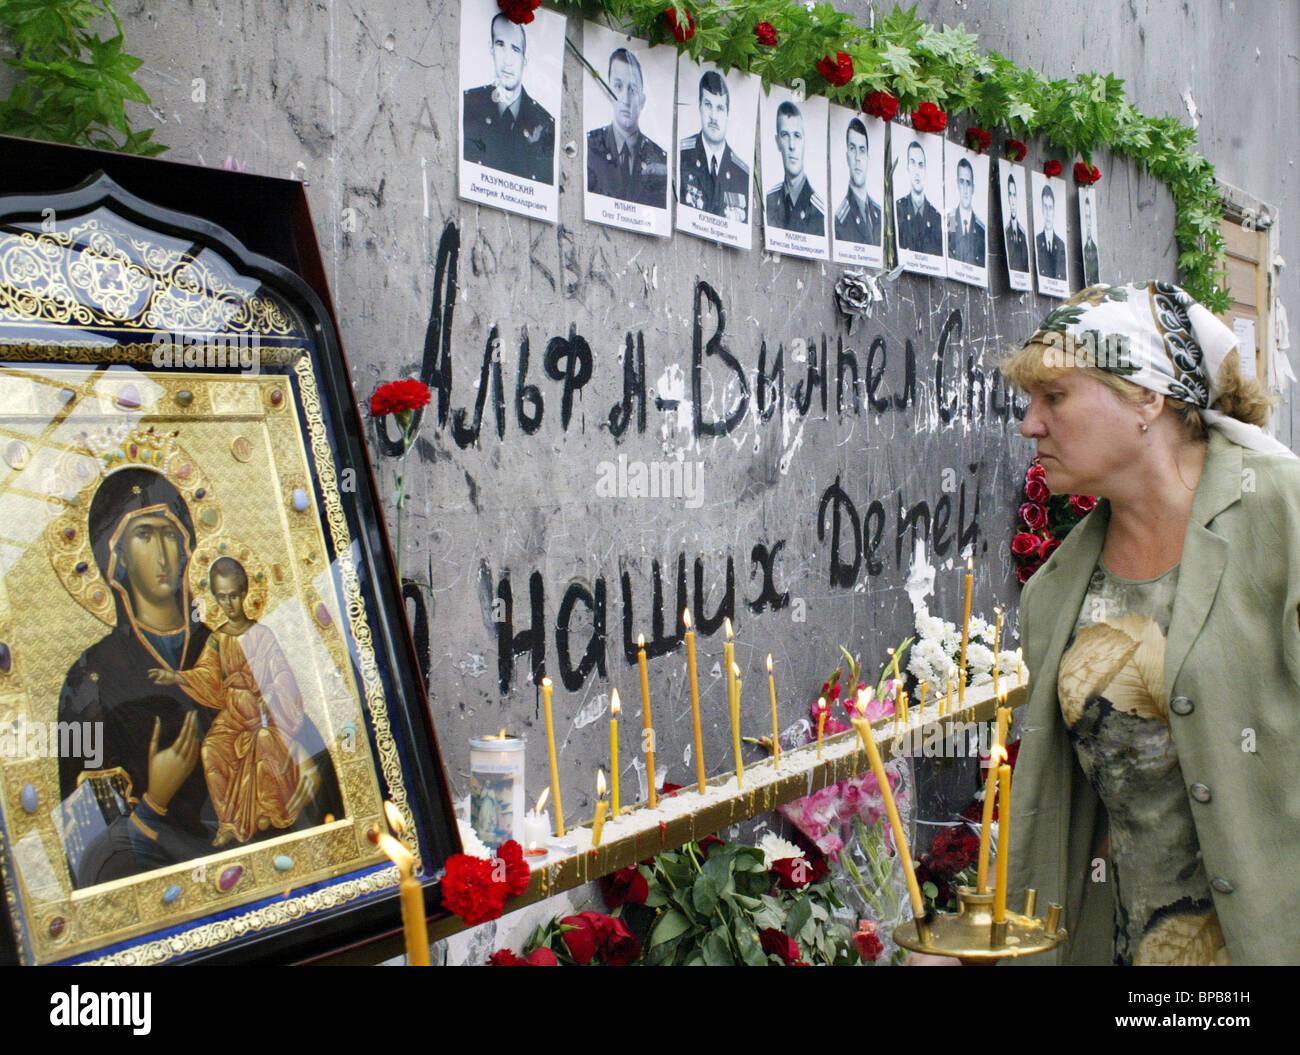 Mourning ceremonies at Beslan's School Number One - Stock Image